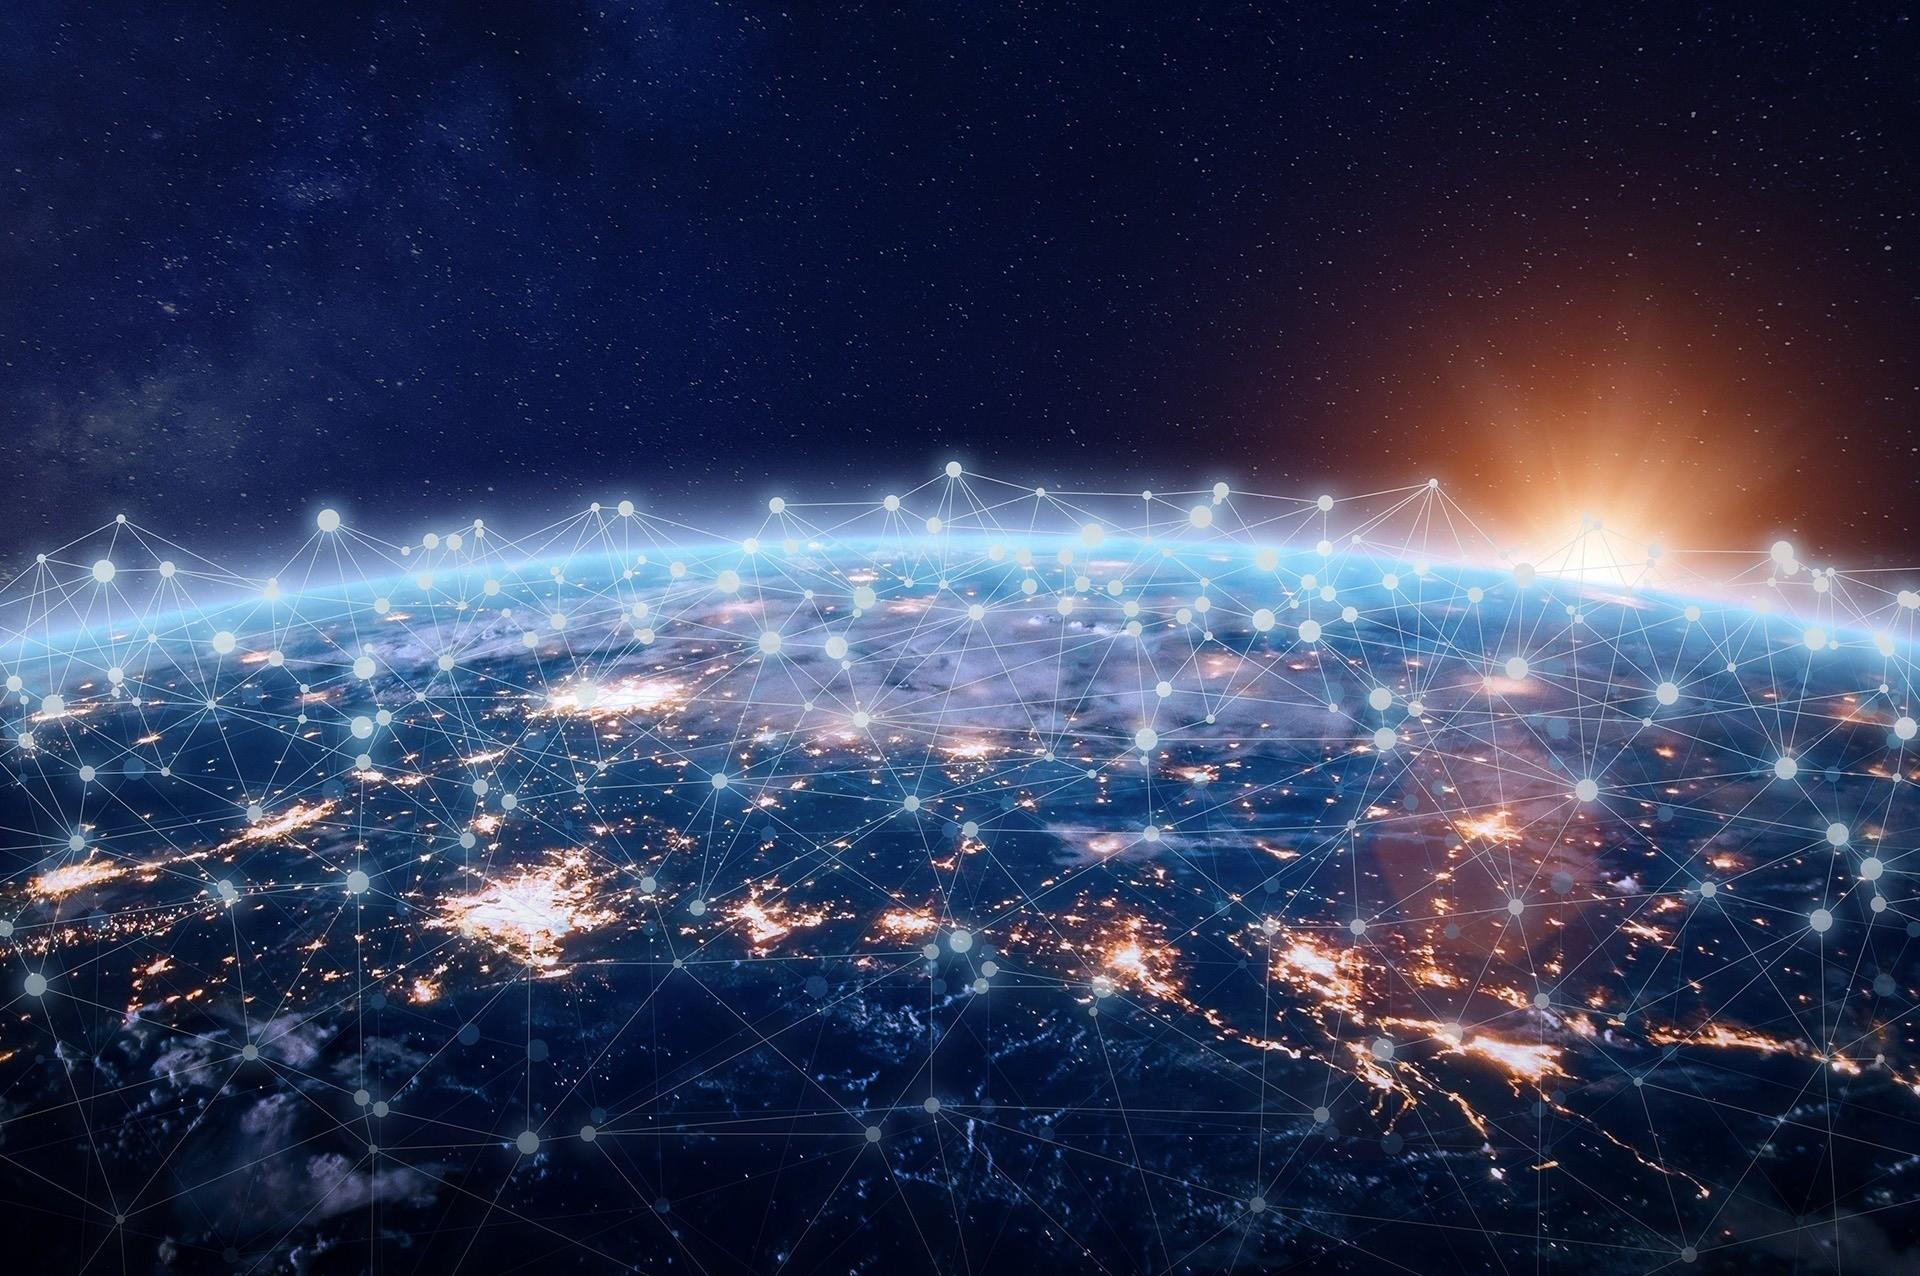 Previziunile despre anul 2021, World Future Council (Consiliul despre viitorul lumii)